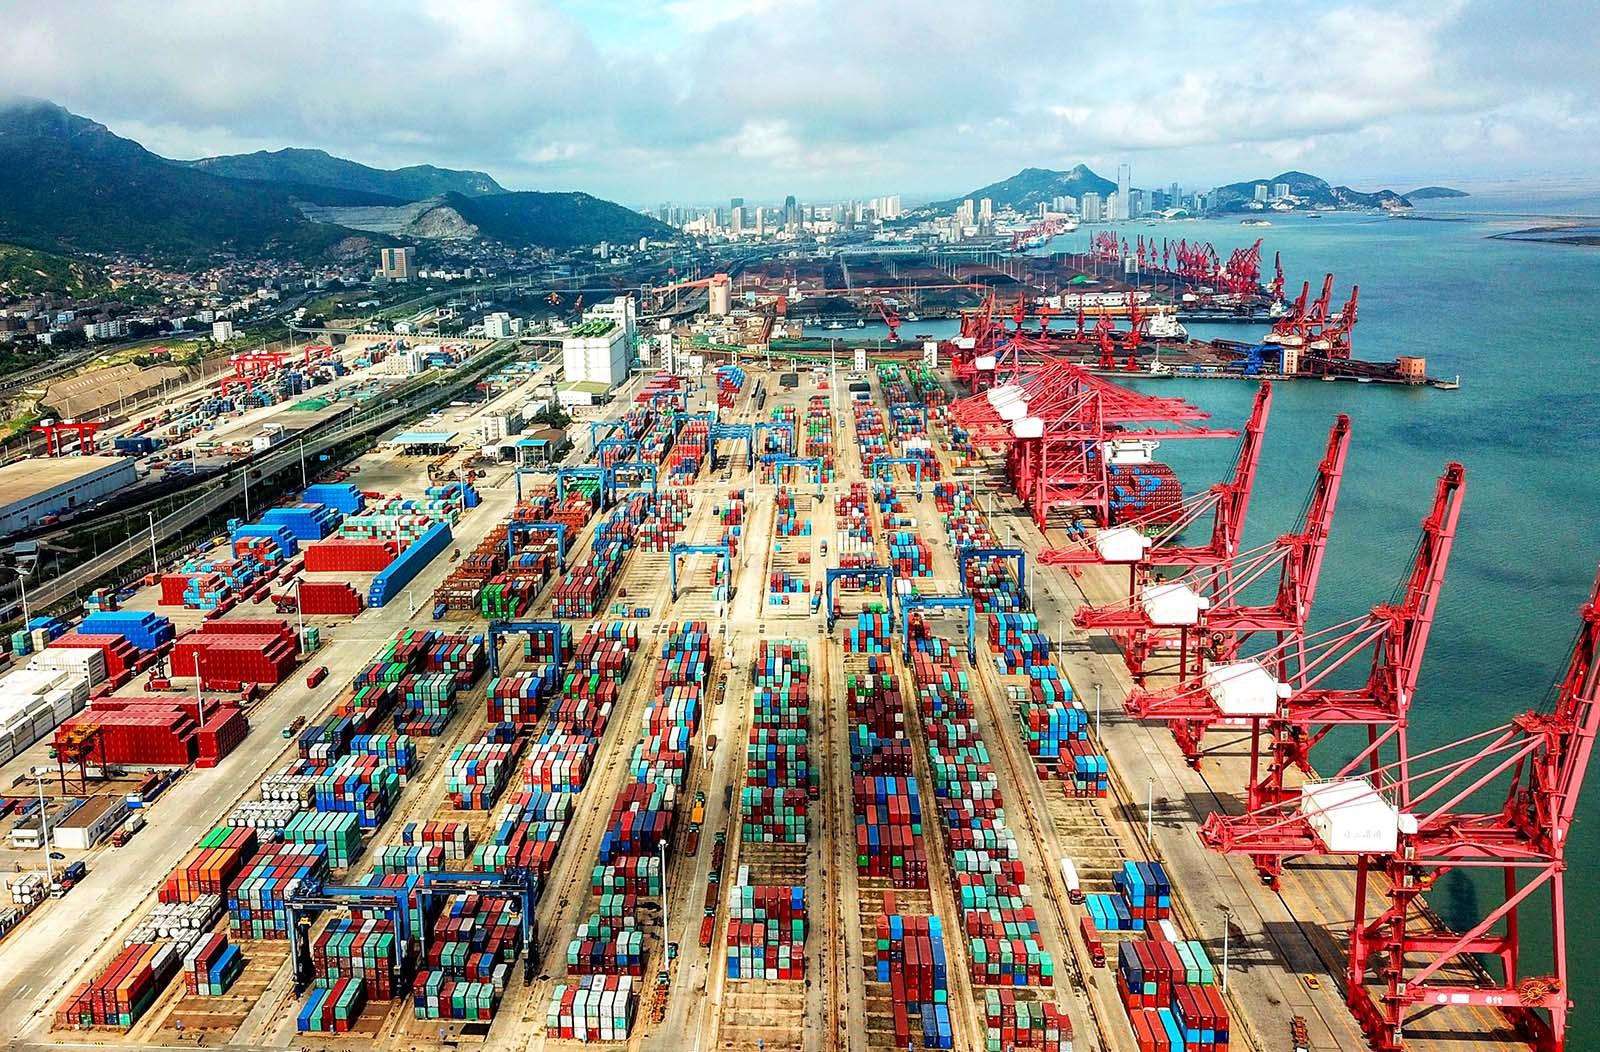 Thực chất kinh tế Trung Quốc đang đứng đâu trong cỗ máy kinh tế toàn cầu? - 3